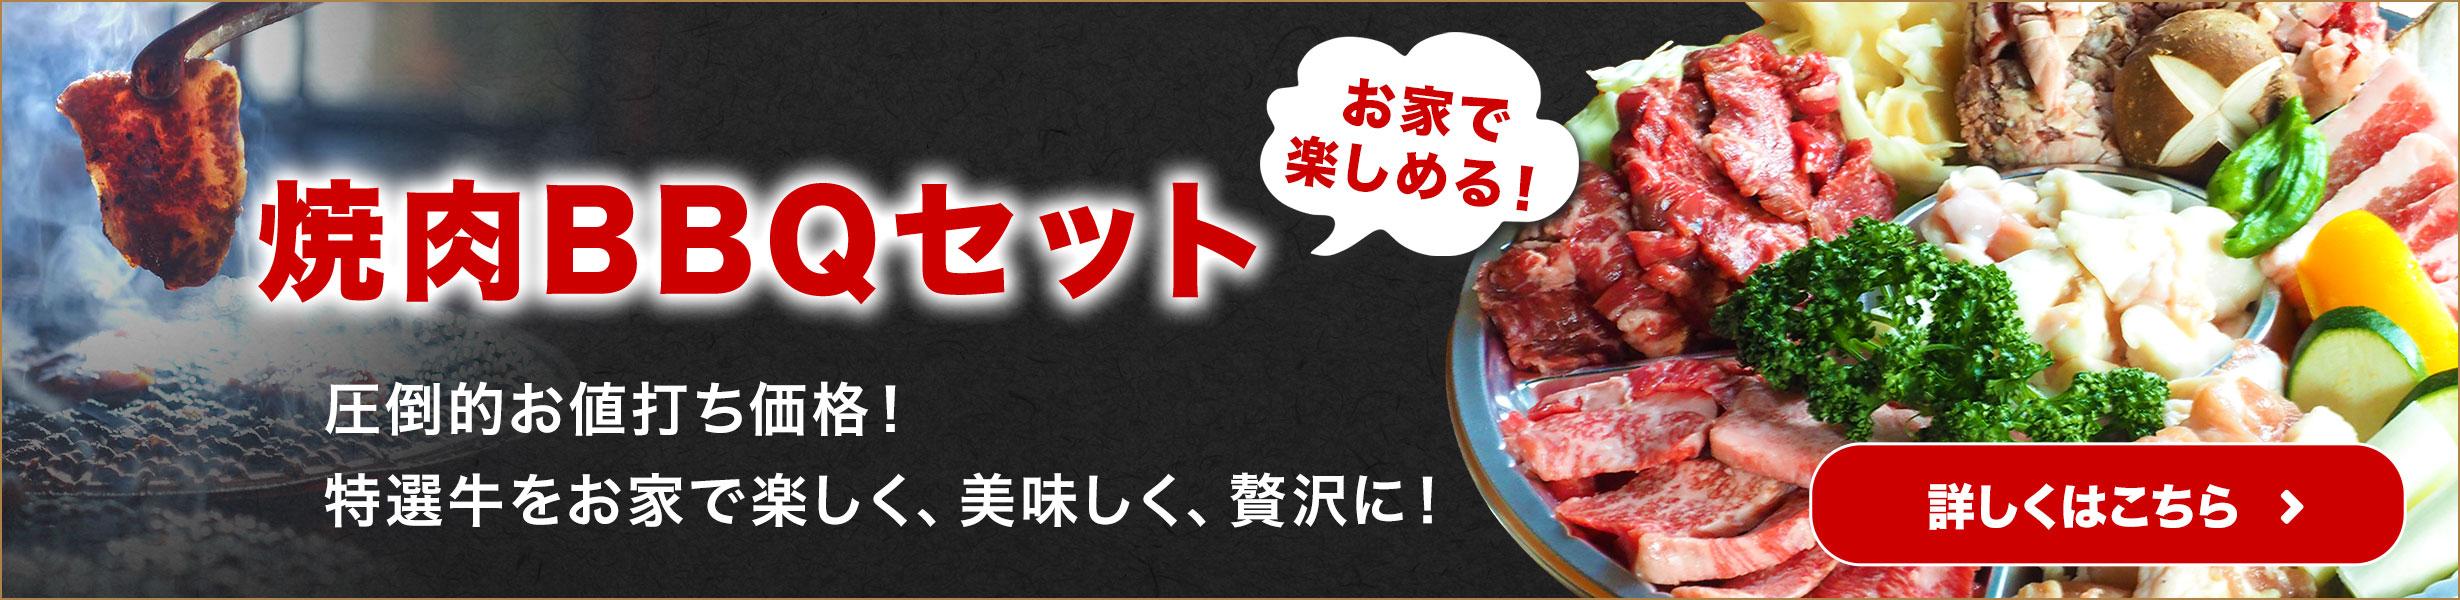 おうちで焼肉BBQセット